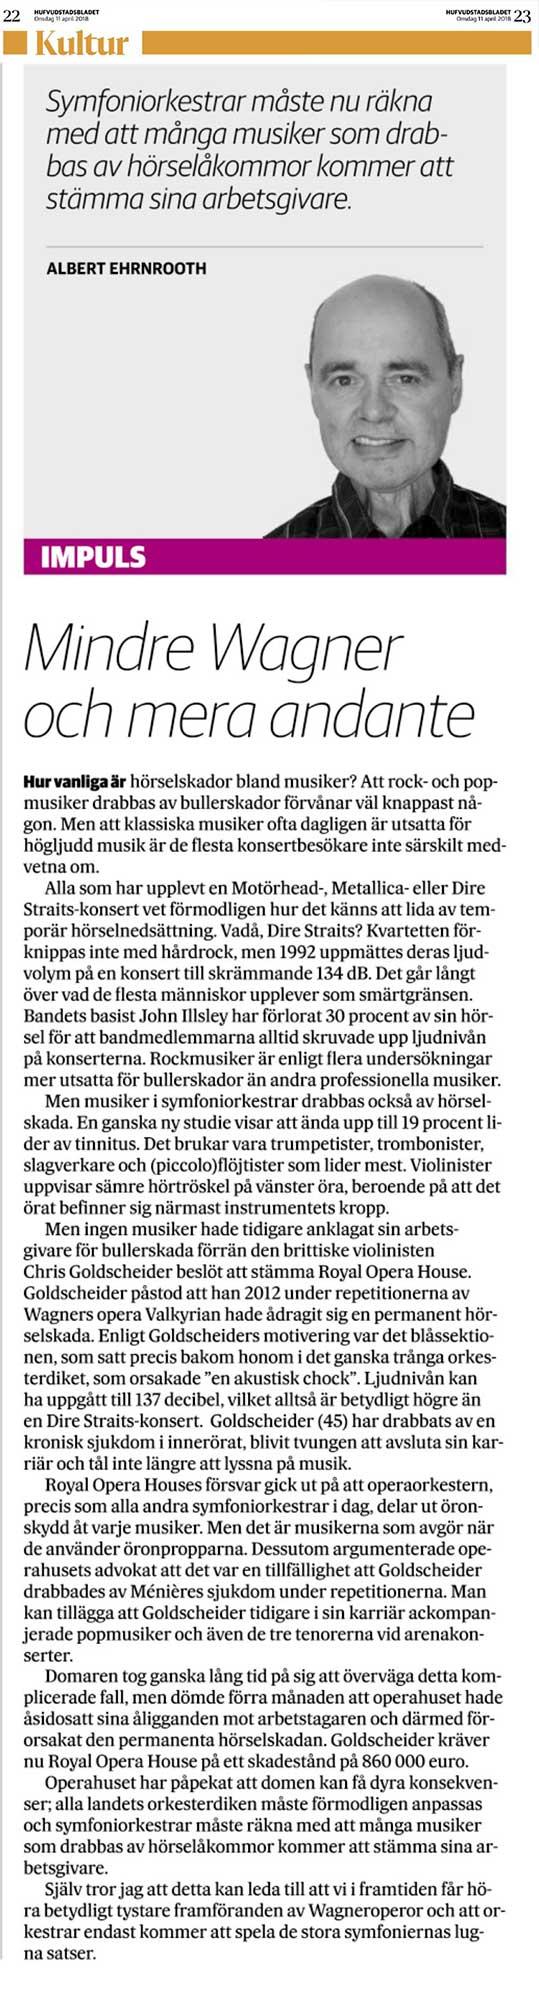 Mindre Wagner och mera andante, Hufyudstadsbladet, 11 april 2018